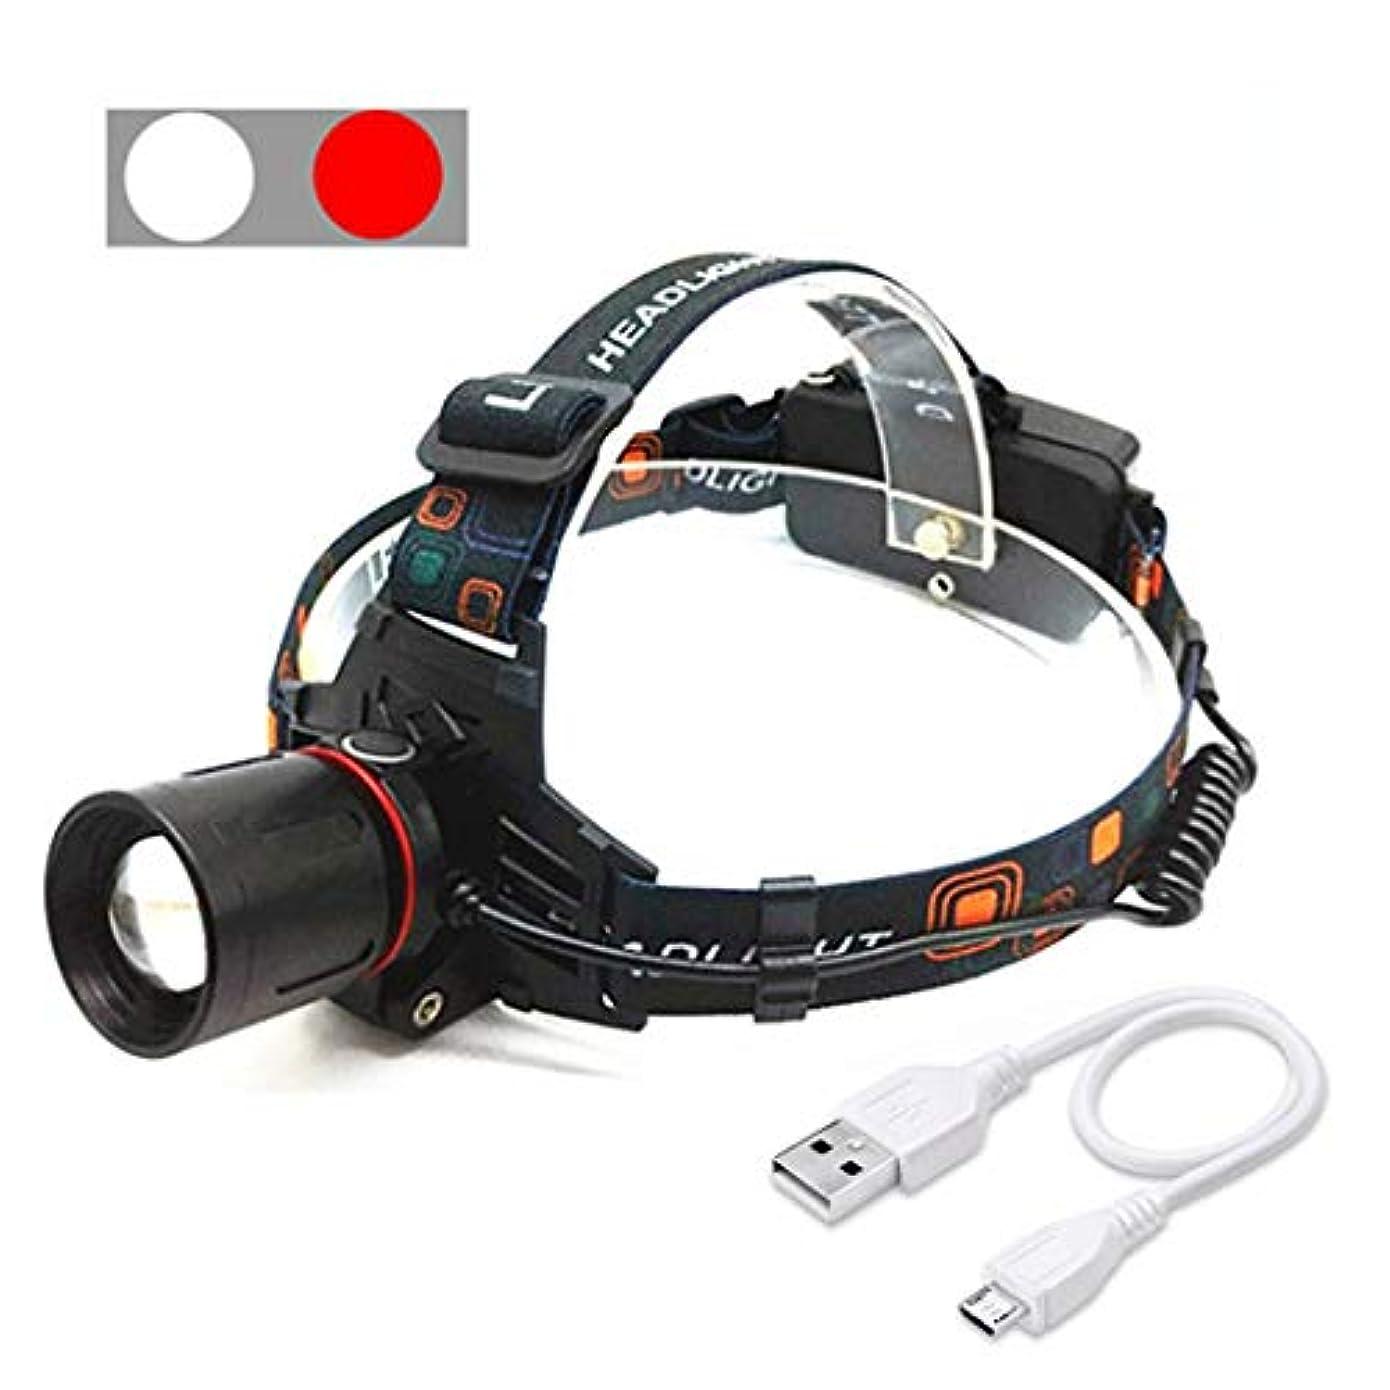 豊かにするスクラップブック発表するHSBAIS ヘッドライト LED、USB 充電式 ヘッドランプ ズーム機能 高輝度白と赤のライト両手が自由 ヘルメットライト,black